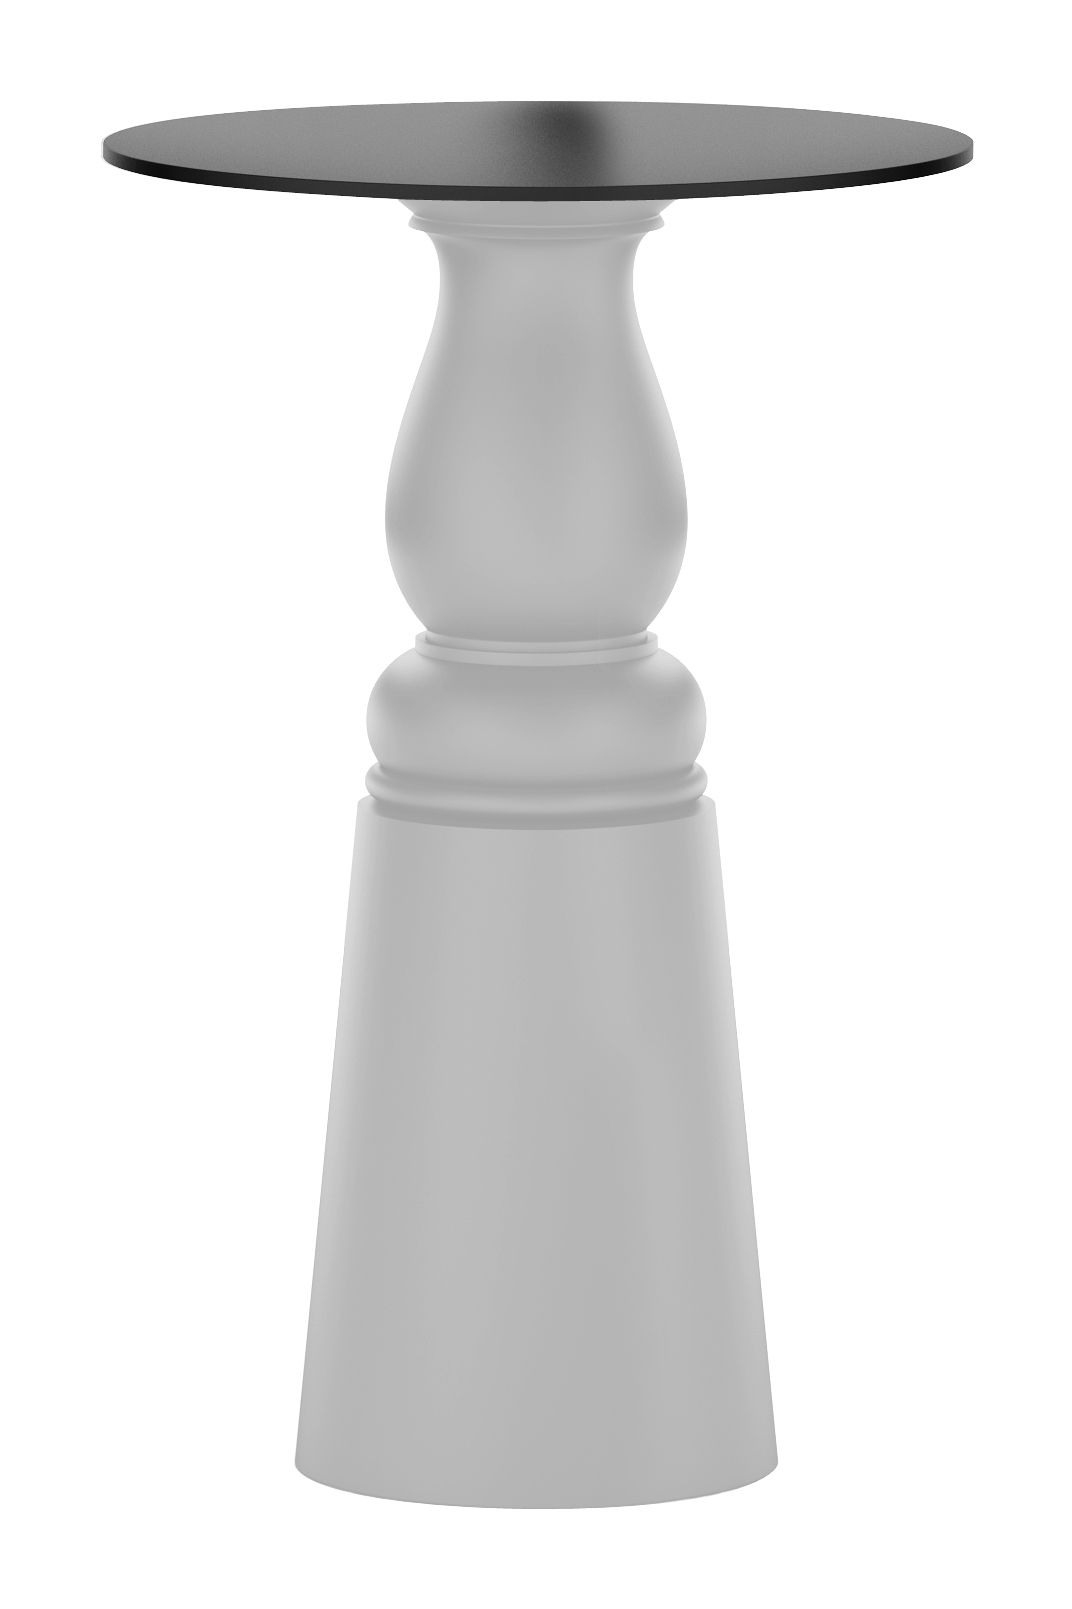 pied de table container new antique 38 x h 106 cm pour plateau 70 cm pied gris 38 x h. Black Bedroom Furniture Sets. Home Design Ideas